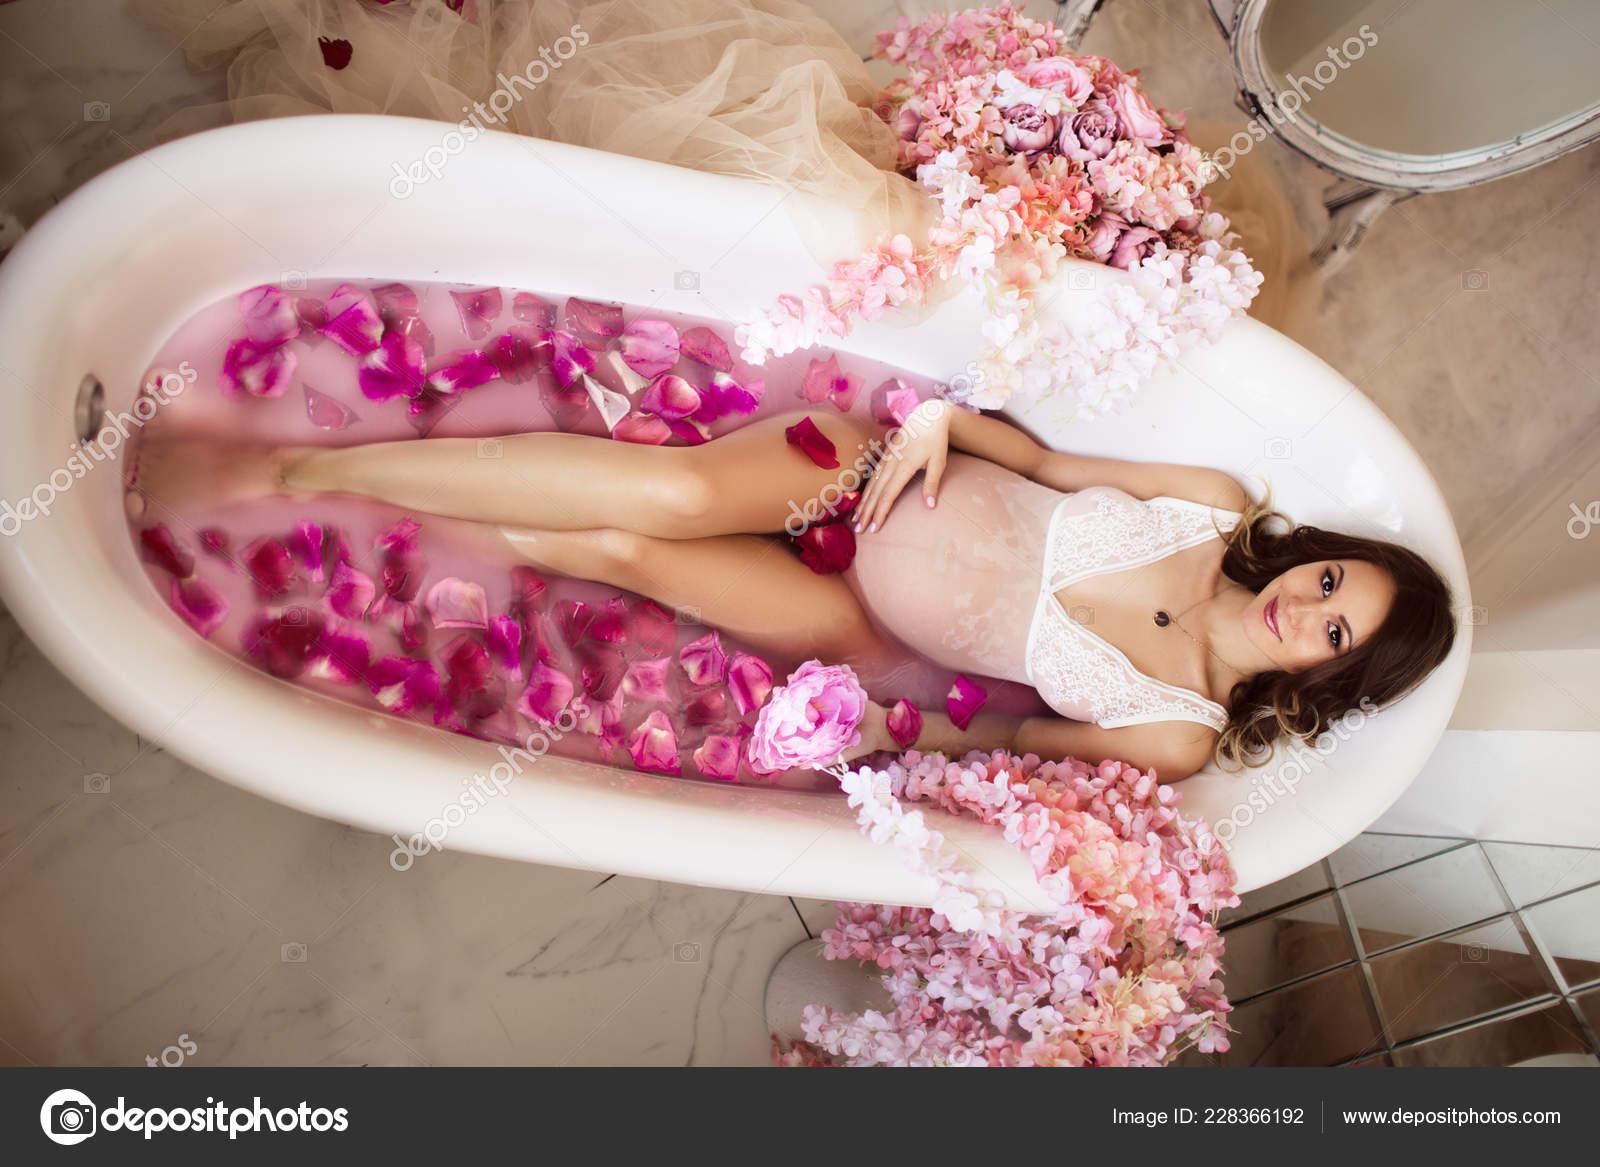 Vasca Da Bagno Gravidanza : Donna incinta graziosa è sdraiato nella vasca da bagno con acqua di